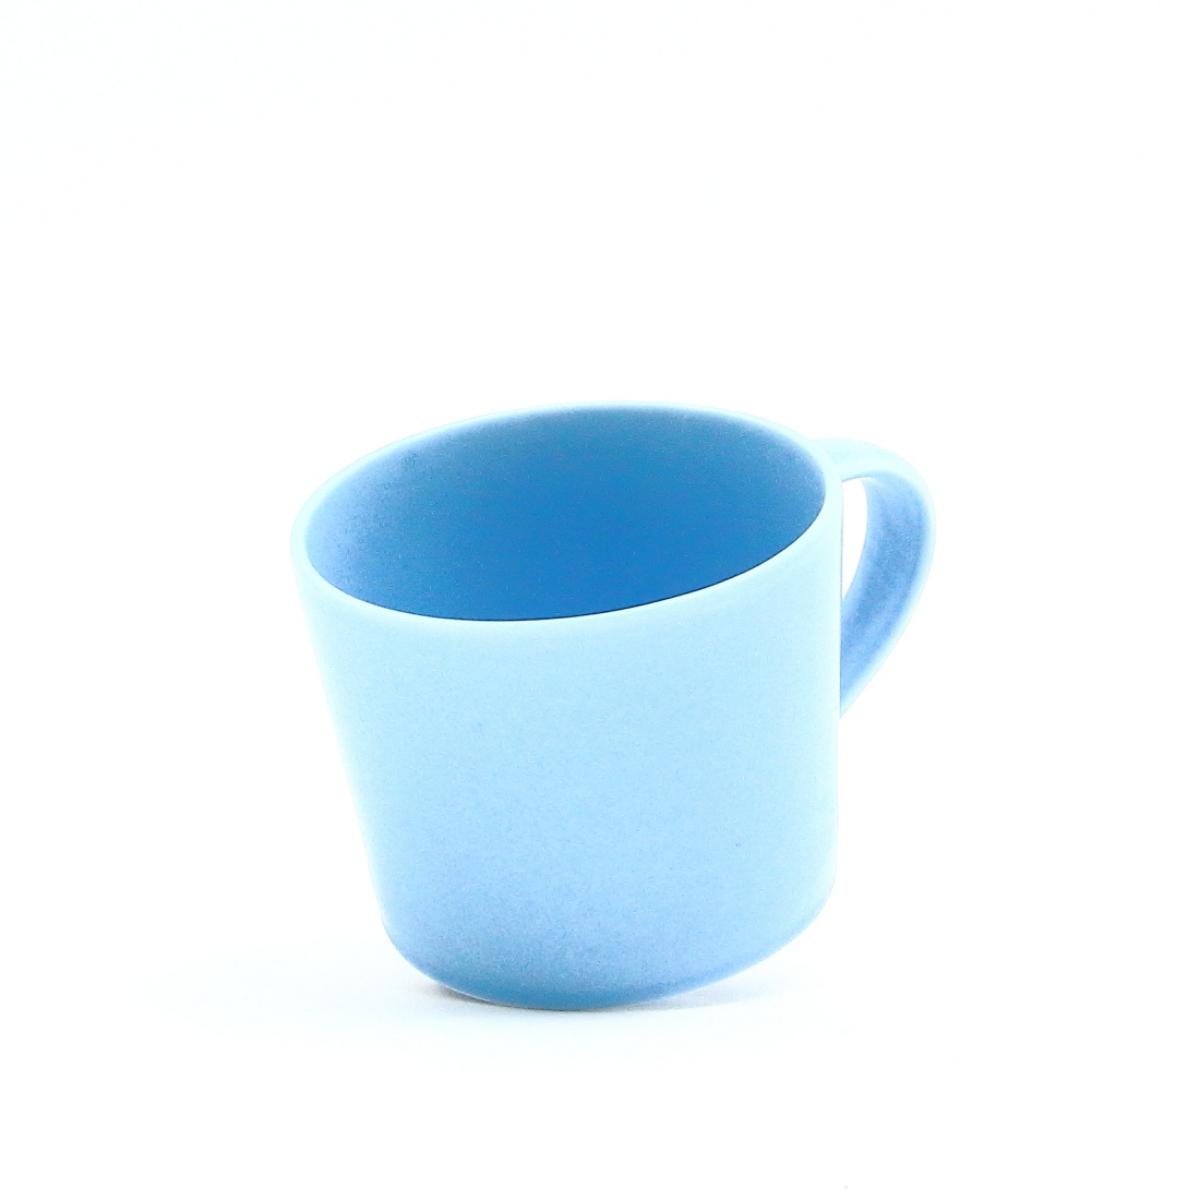 マグカップ S スカイブルー 詳細画像3